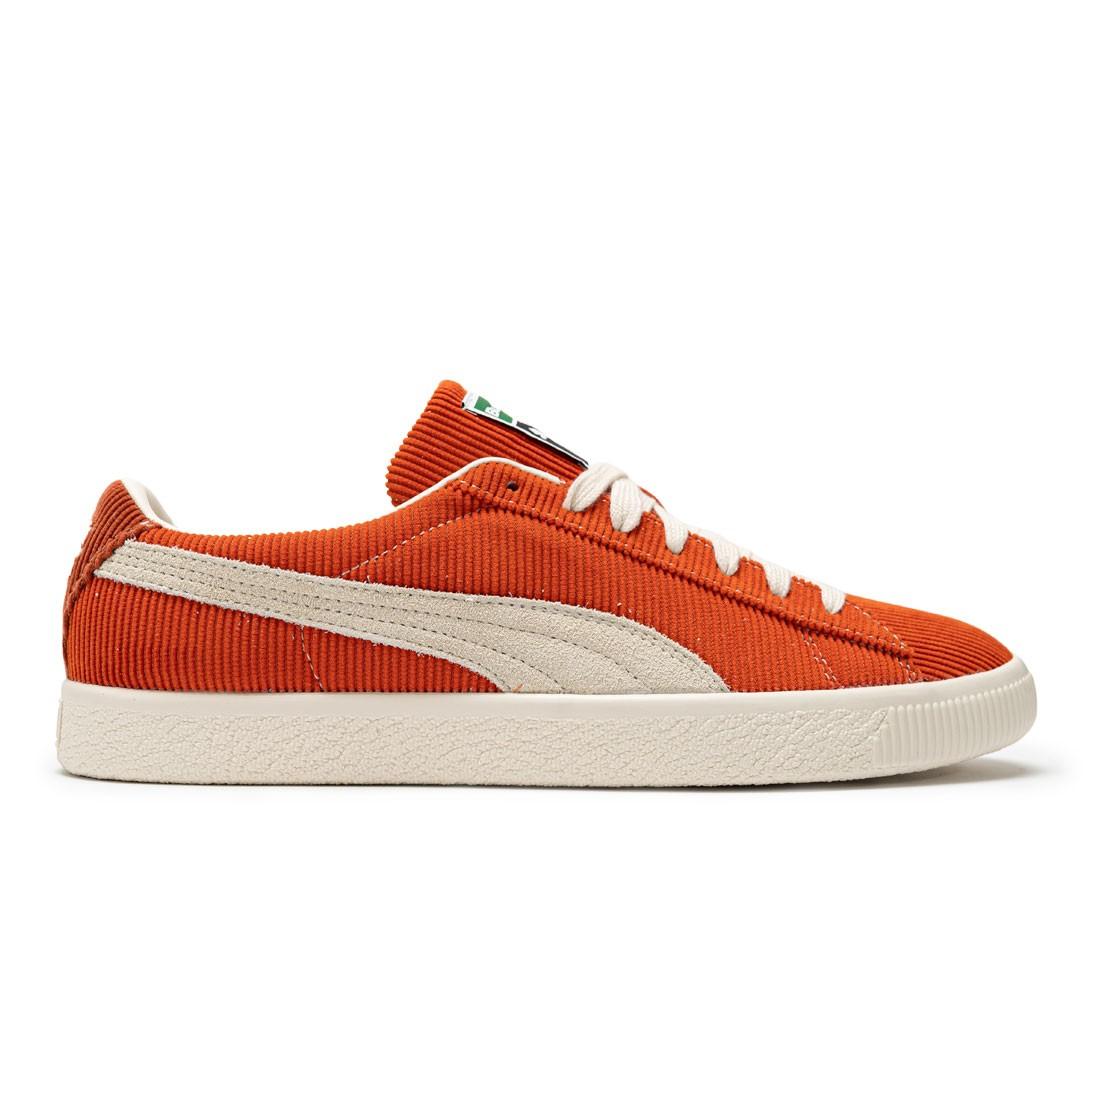 Puma x Butter Goods Men Basket VTG (orange / rooibos tea / whisper white)